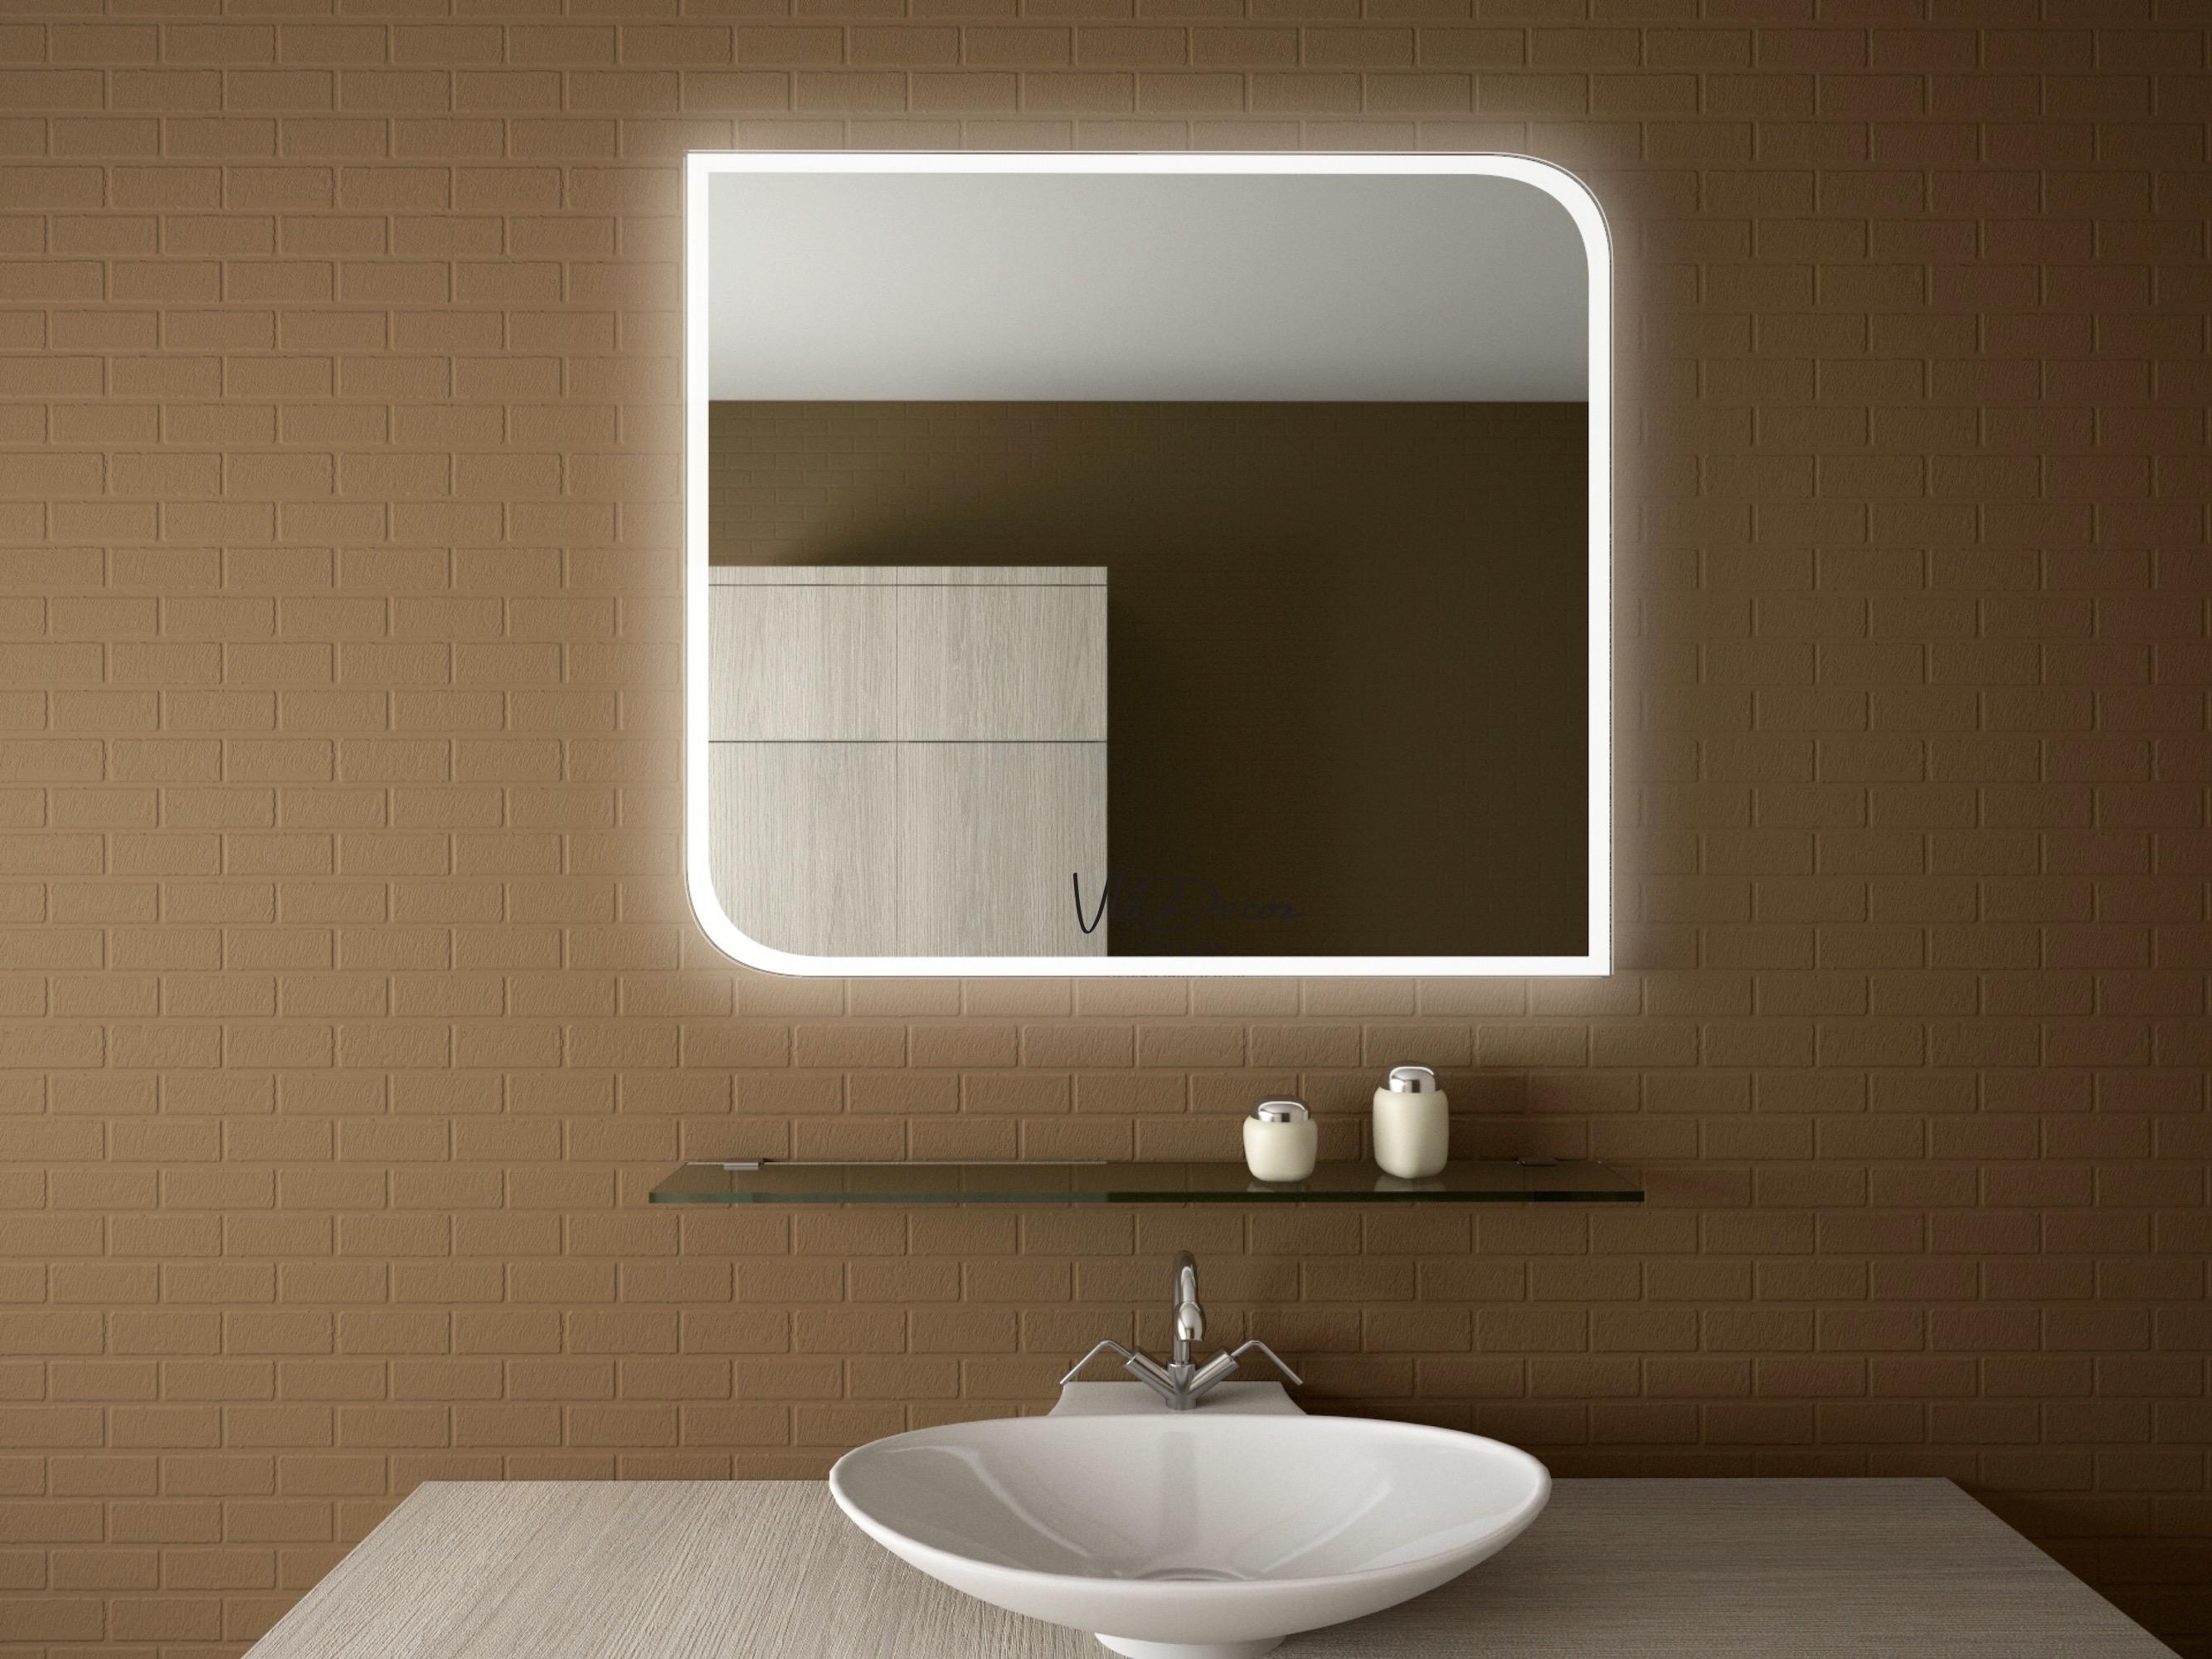 Как сделать светодиодную подсветку своими руками на зеркало фото 761